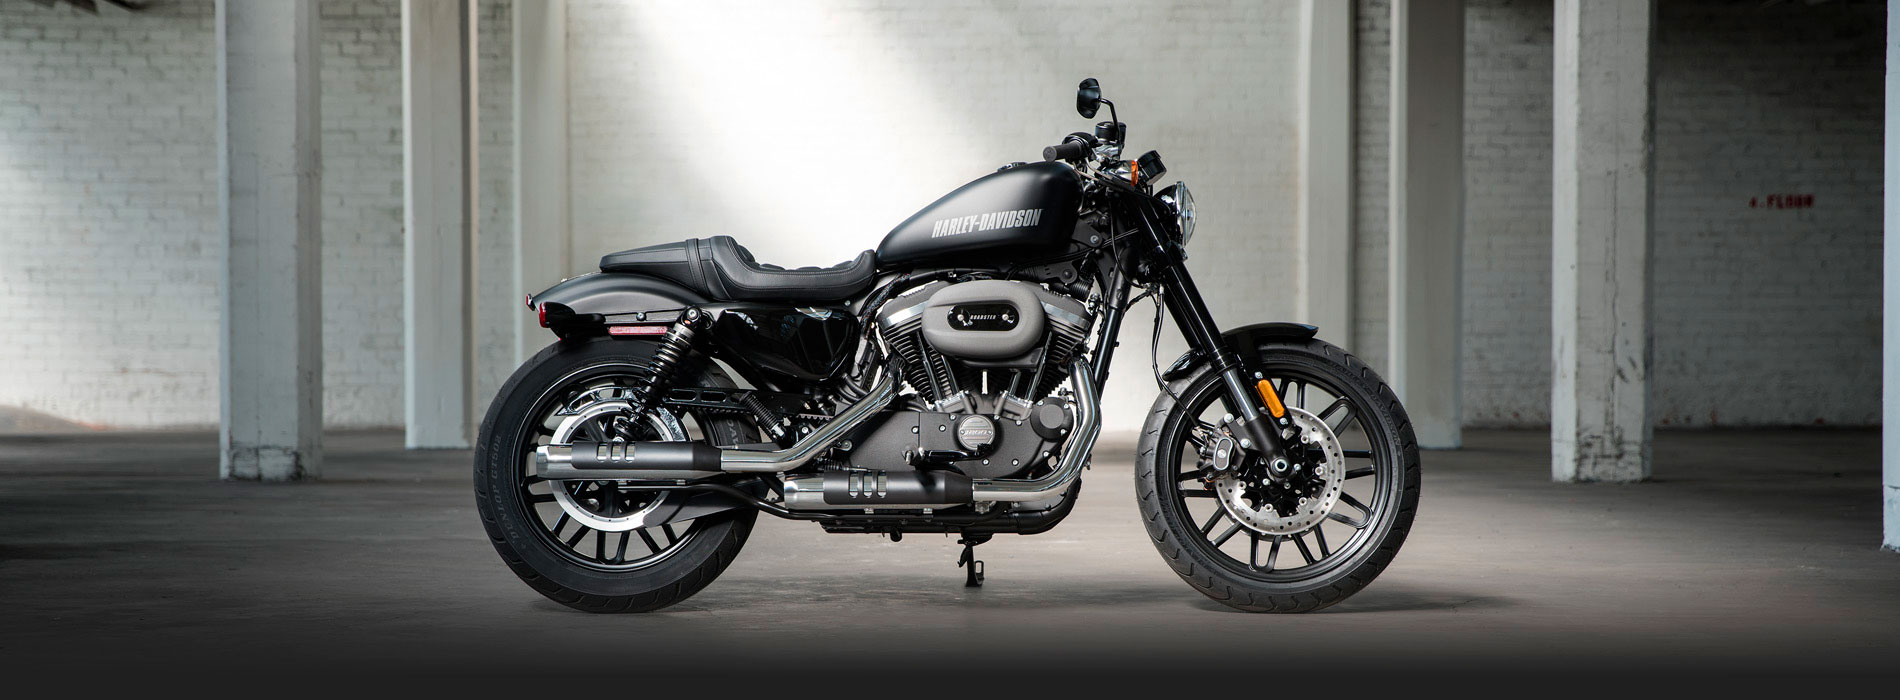 Uma Harley Davidson é um símbolo de liberdade porque existe uma cultura ao redor da marca Harley Davidson.